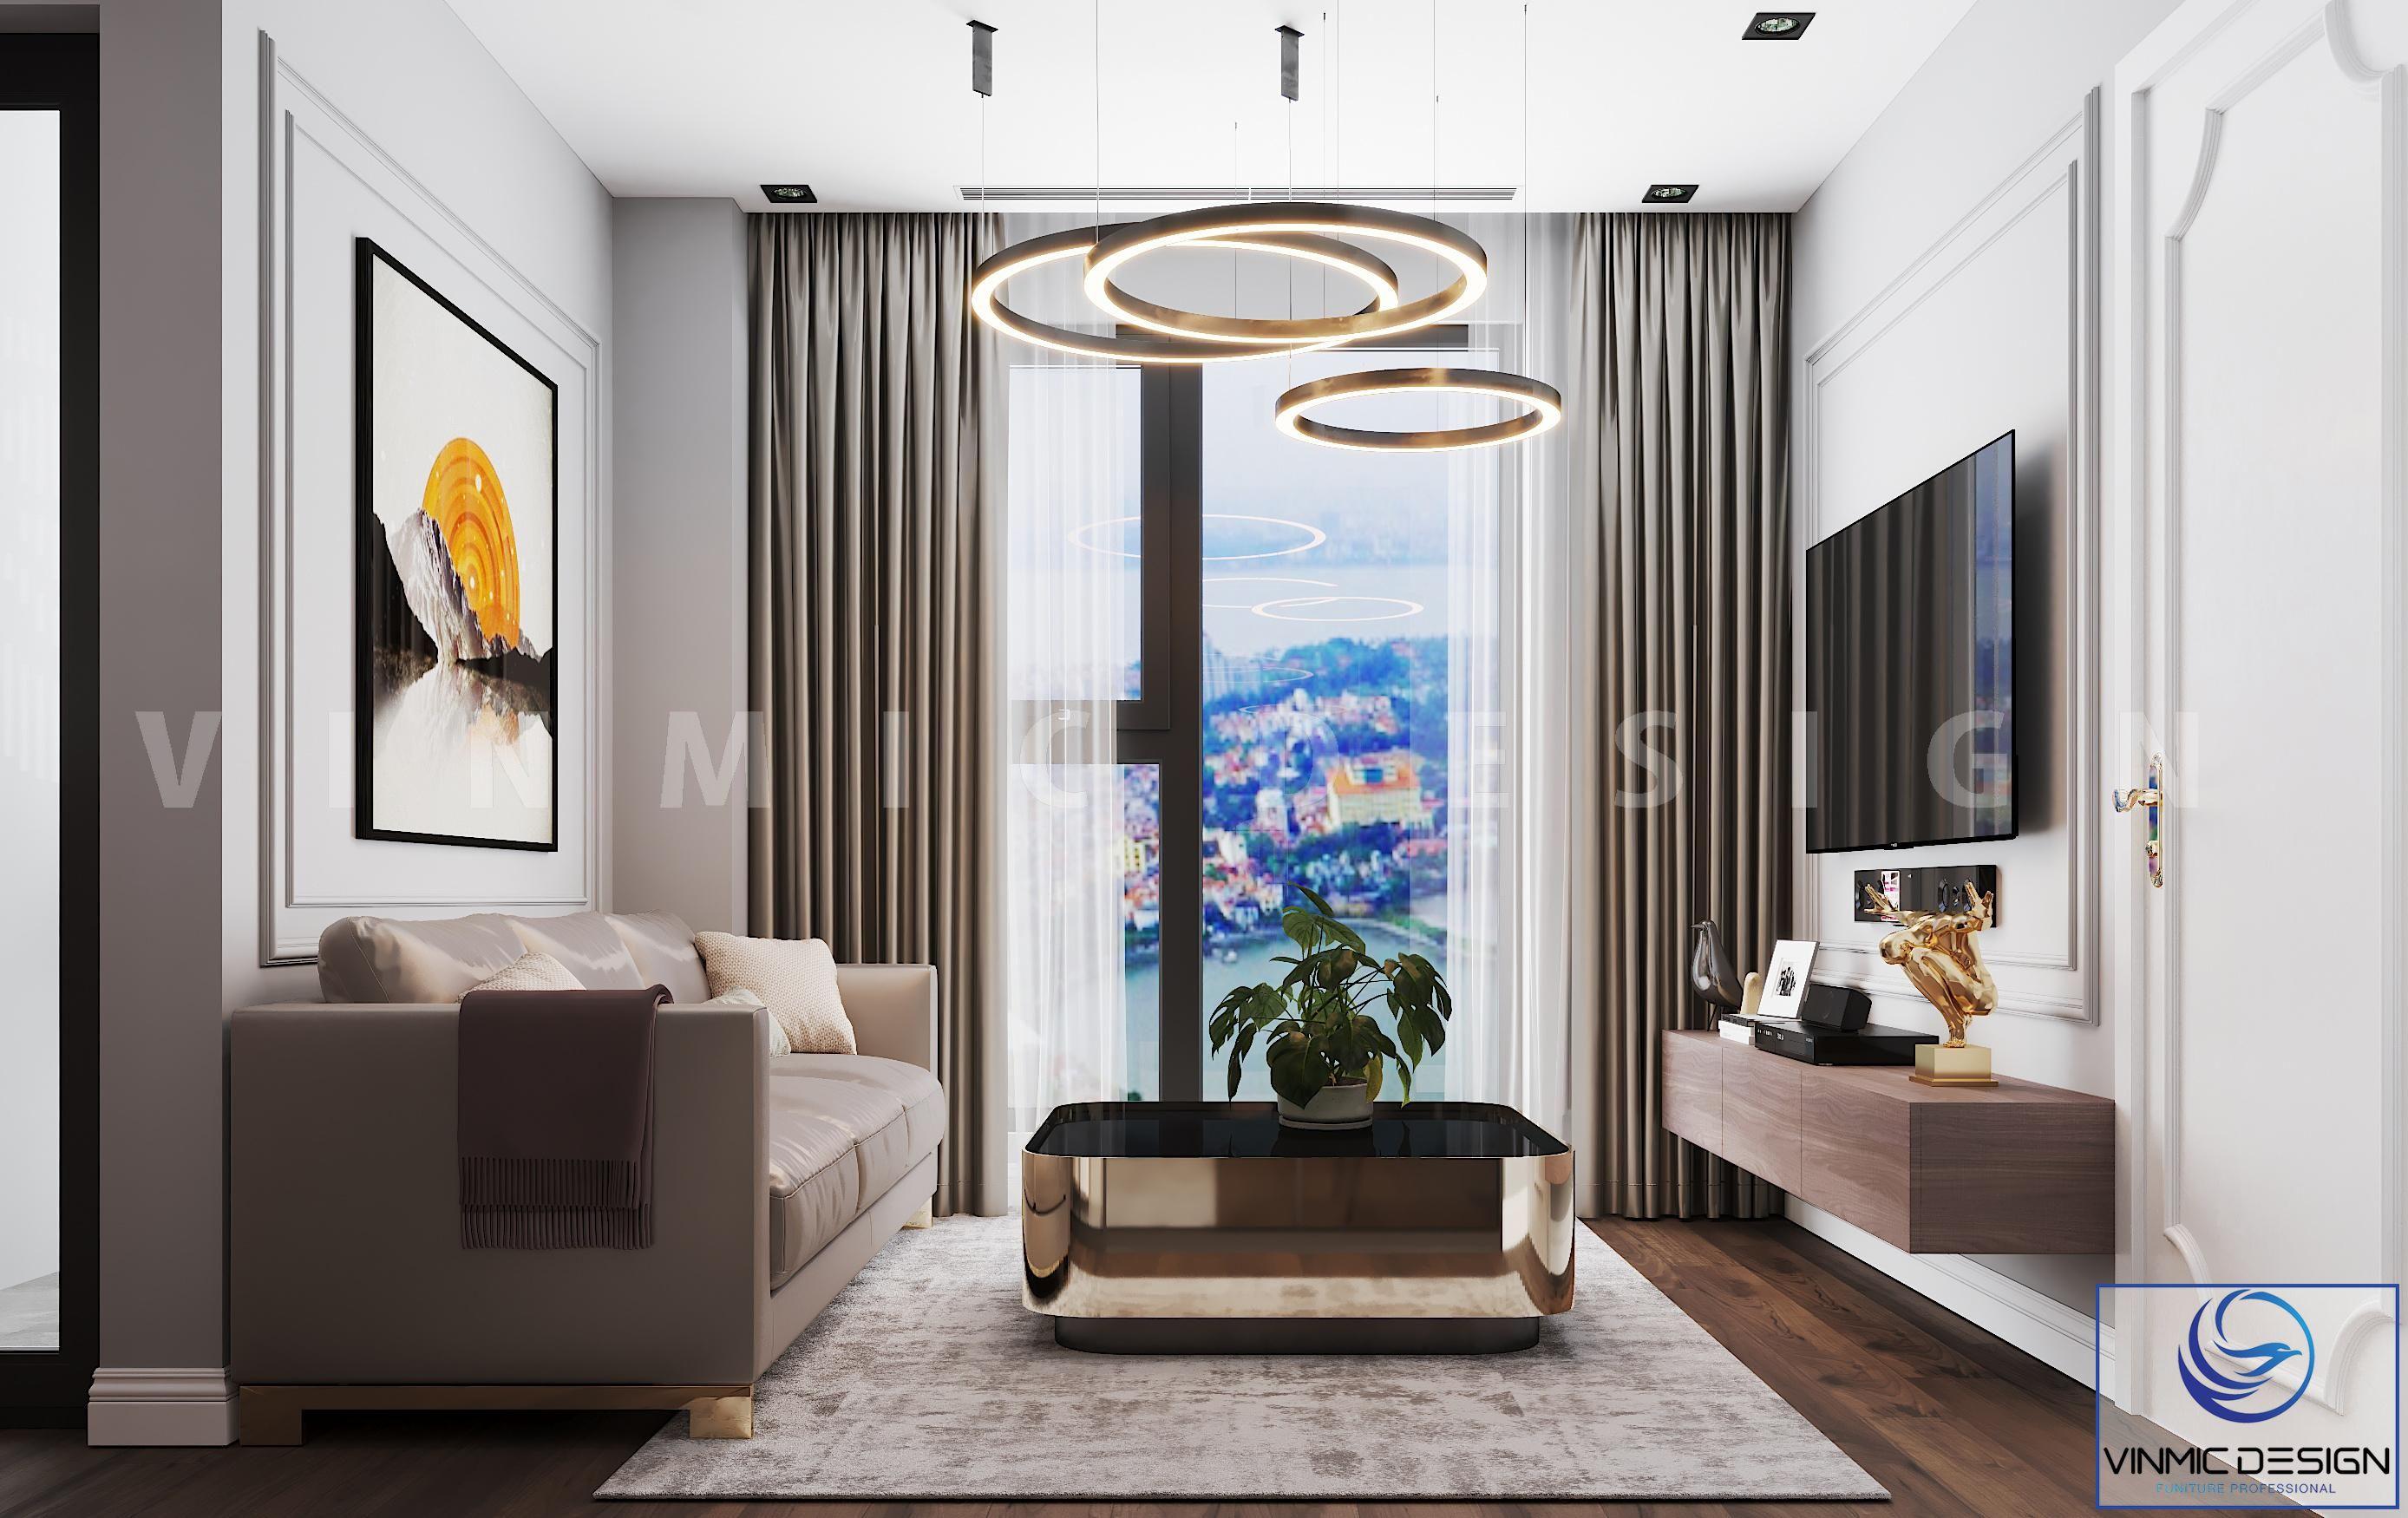 Thiết kế nội thất phòng khách sang trọng tại chung cư Goldmark City